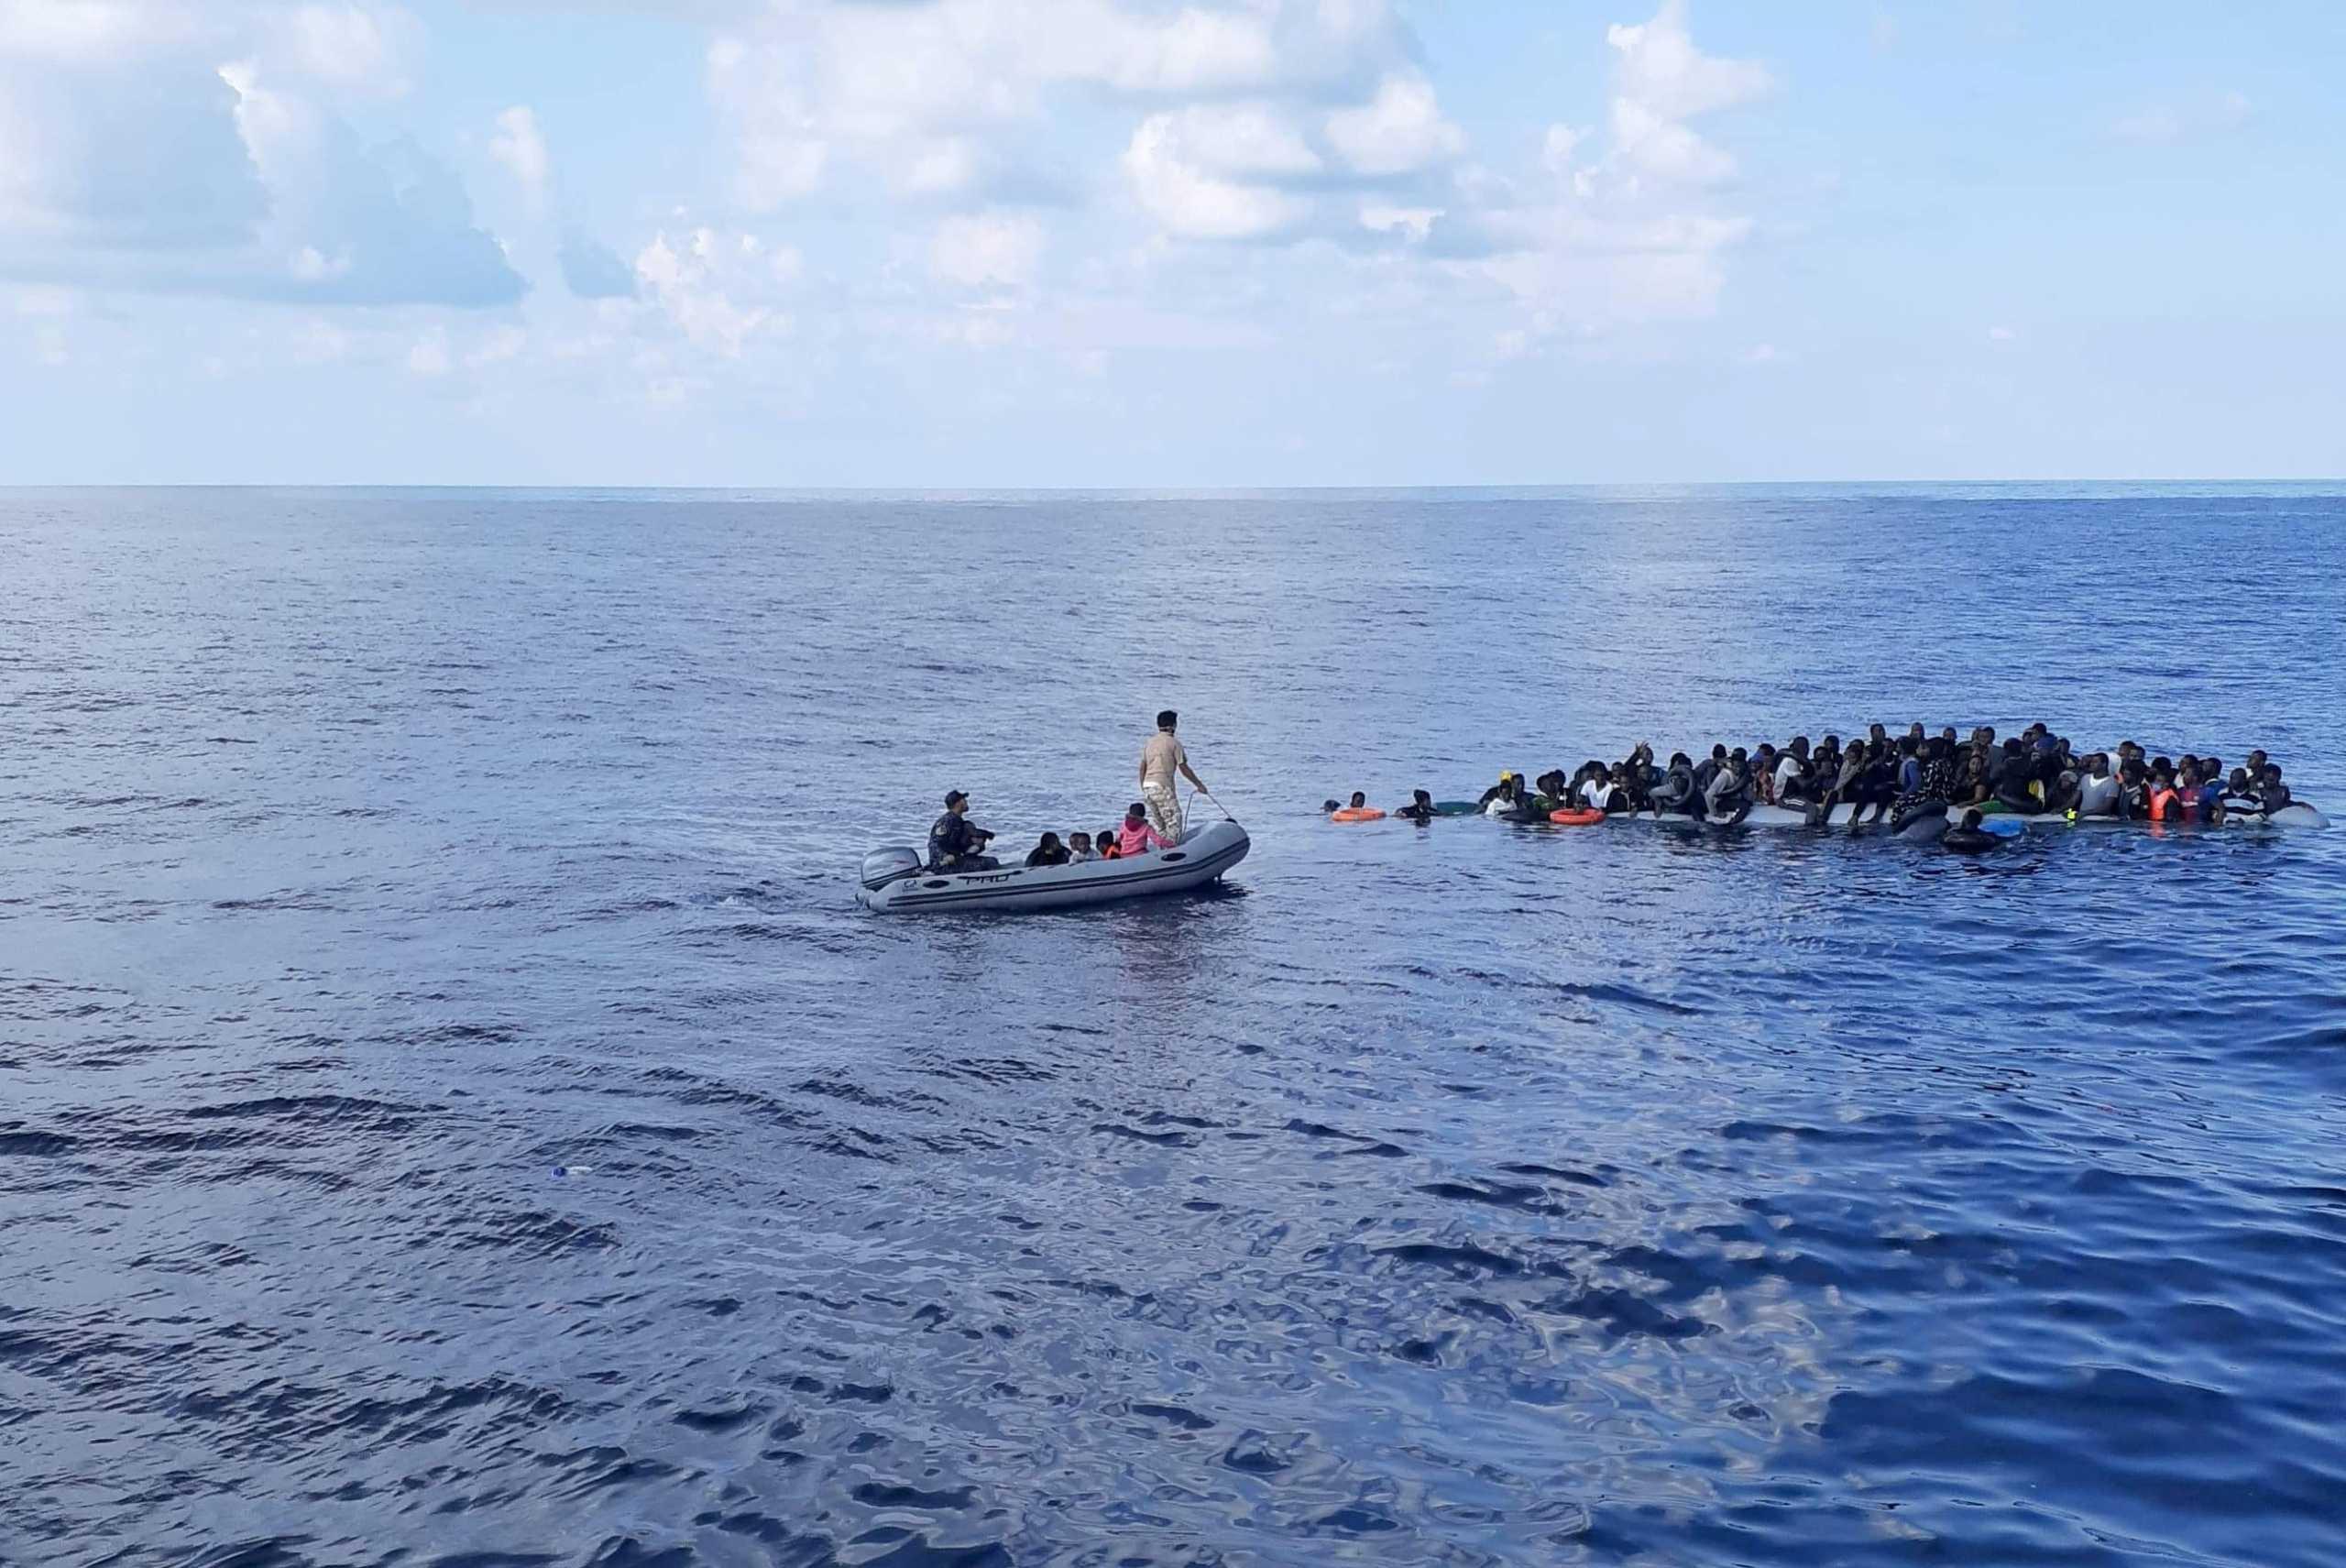 Τραγωδία στη Λιβύη: Τέσσερα παιδιά νεκρά σε ναυάγιο